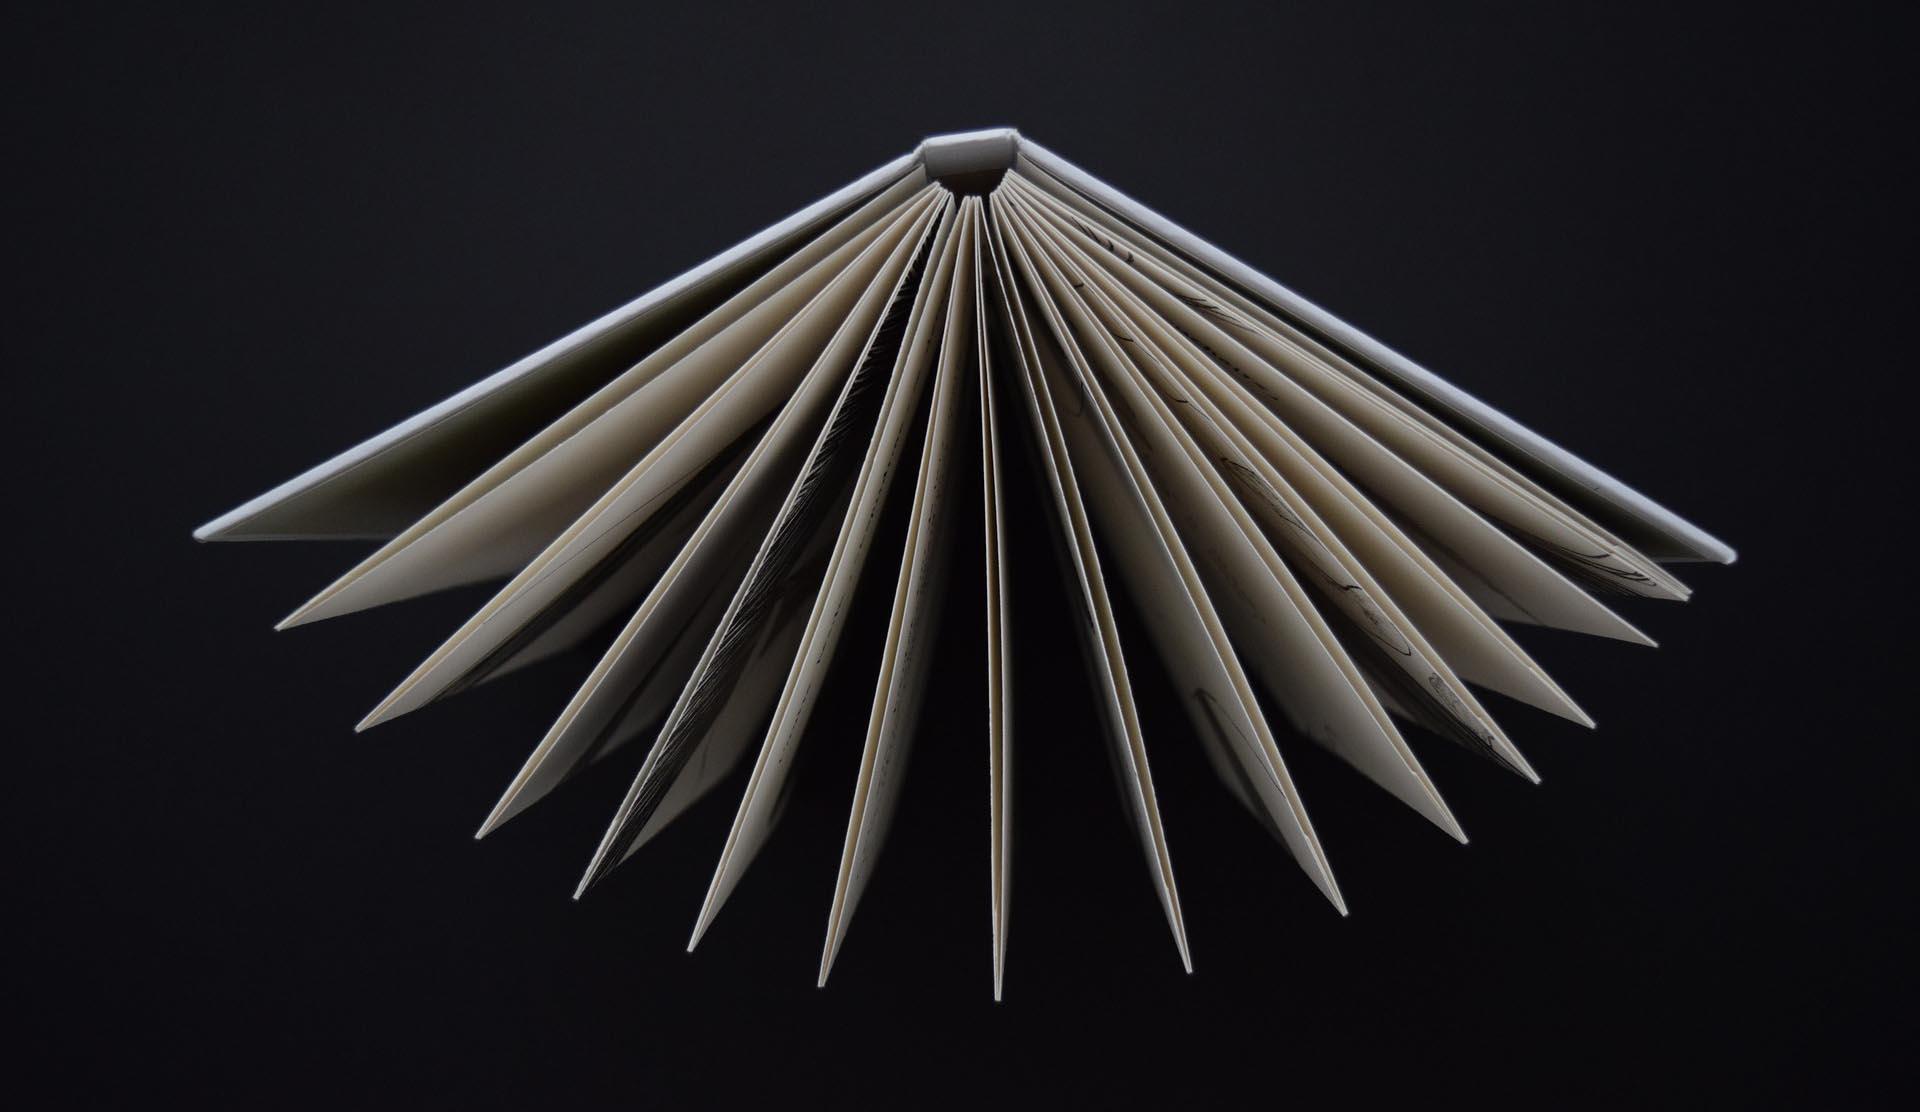 Libro de tapa dura o libro de tapa blanda